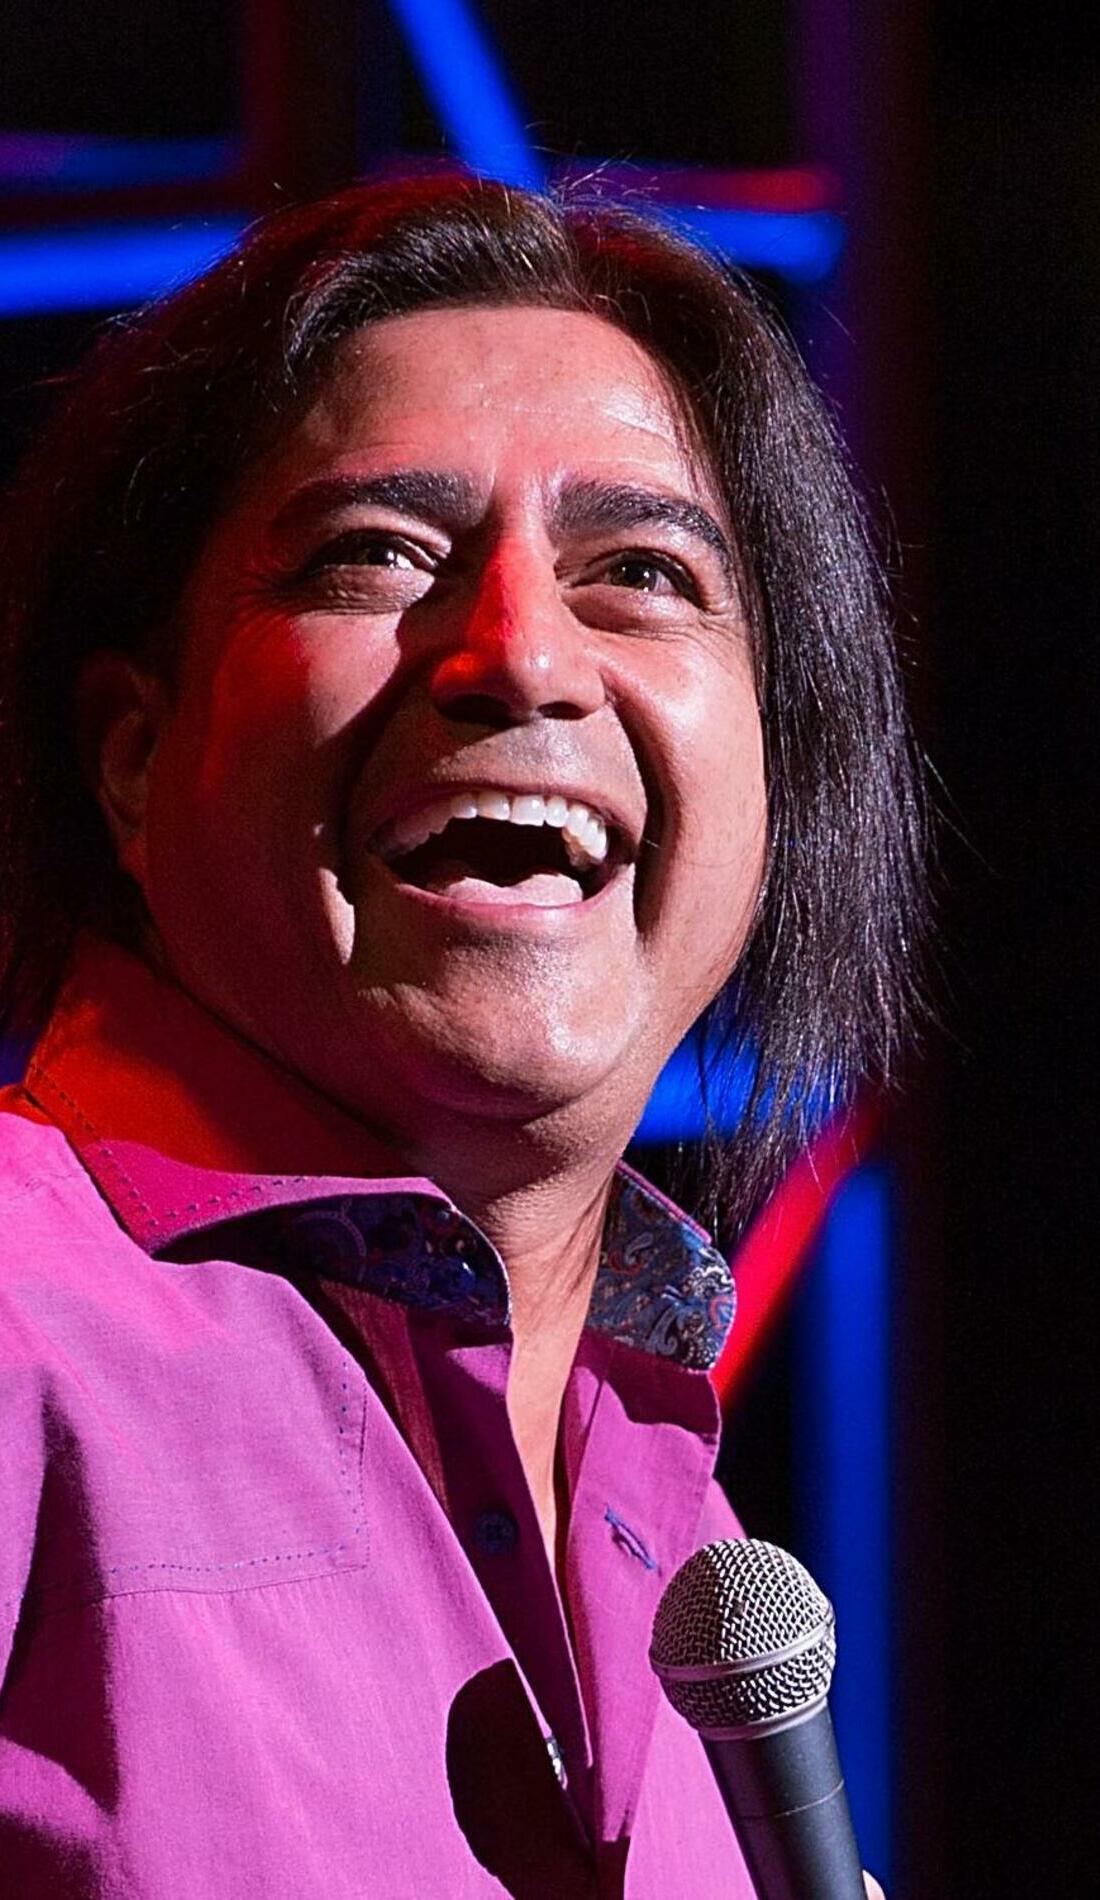 A Alex Reymundo live event